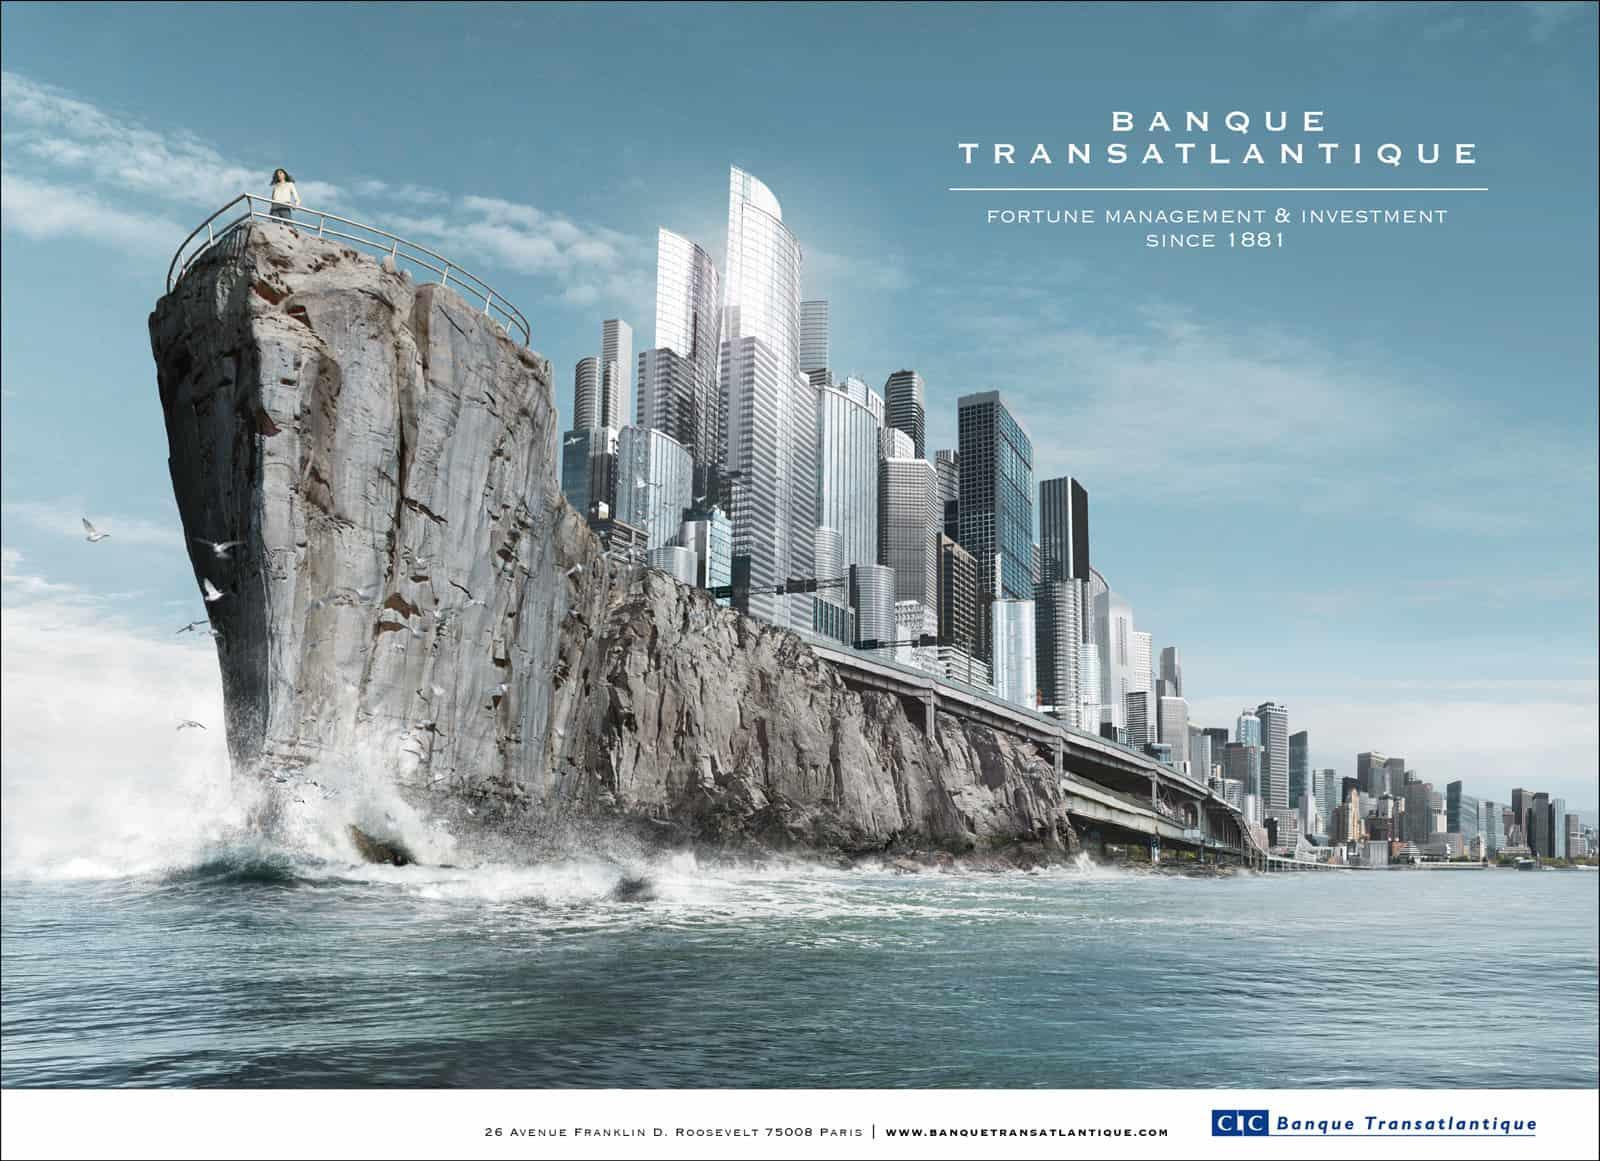 CIC : Banque Transatlantique ville